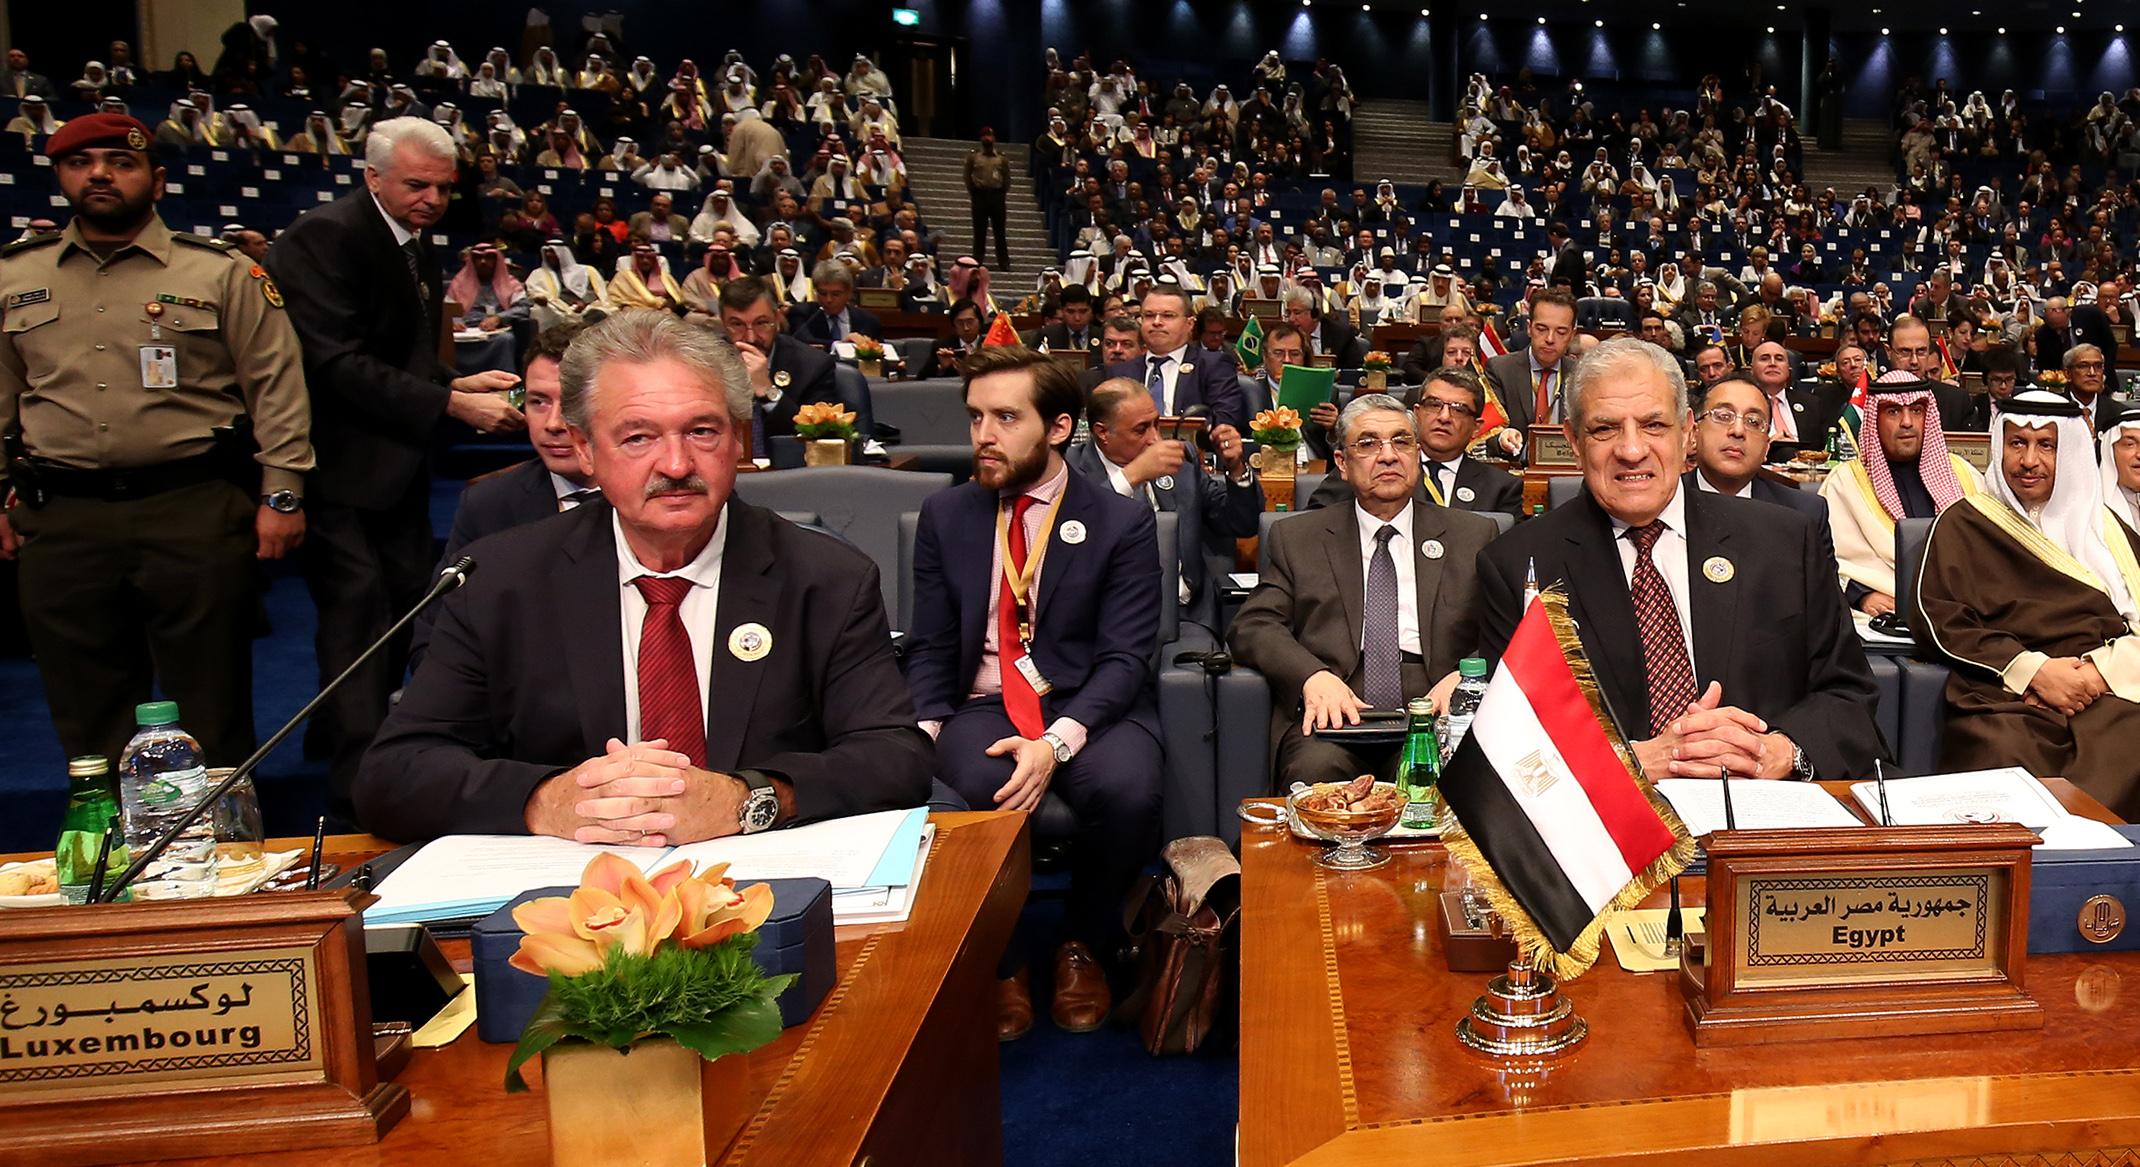 إبراهيم محلب رئيس وفد مصر فى المؤتمر الدولى